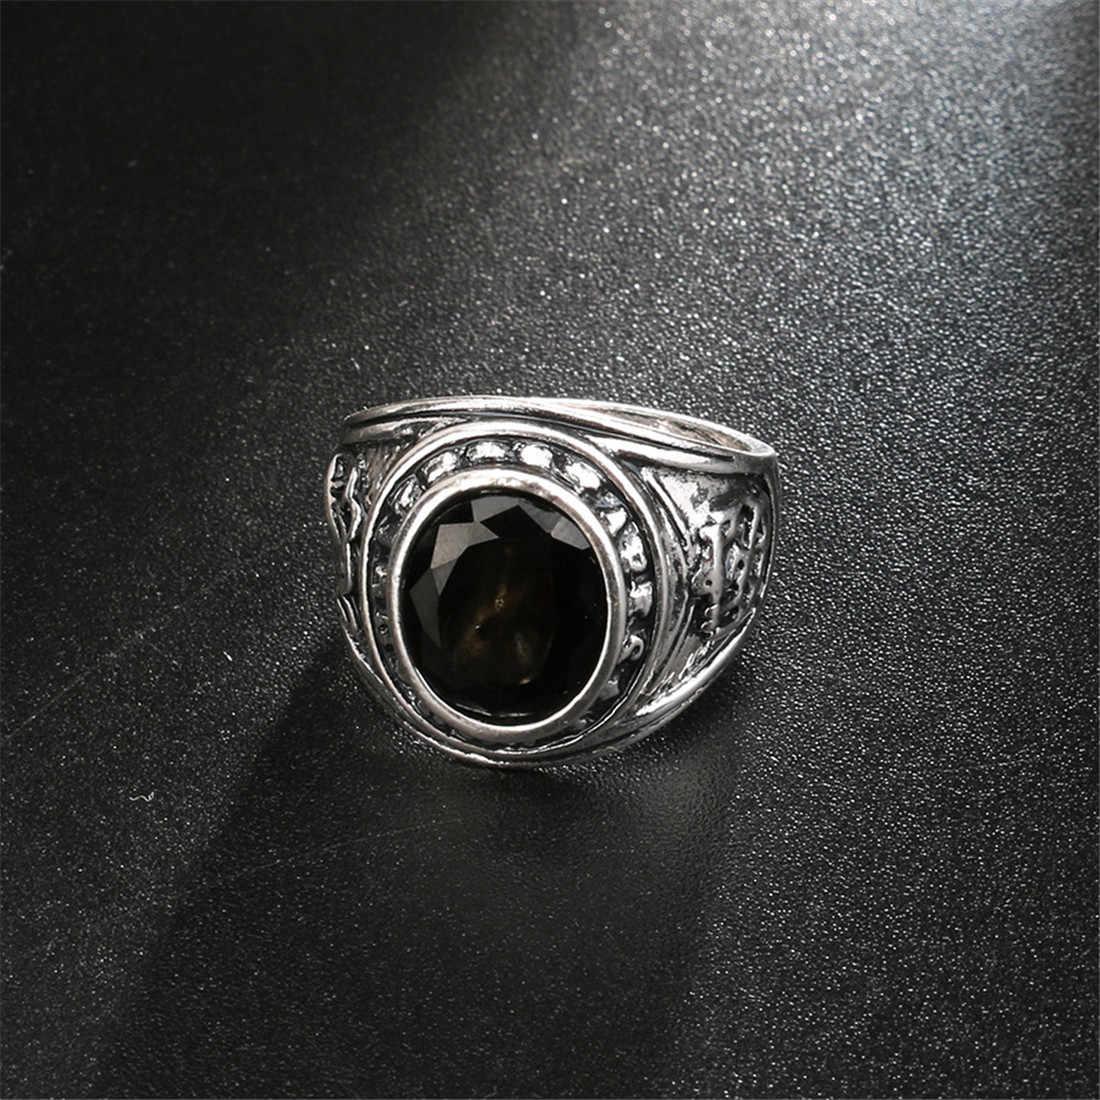 Big VINTAGE เงินสีดำแหวนหินสำหรับผู้หญิงแฟชั่นเครื่องประดับของขวัญวันวาเลนไทน์